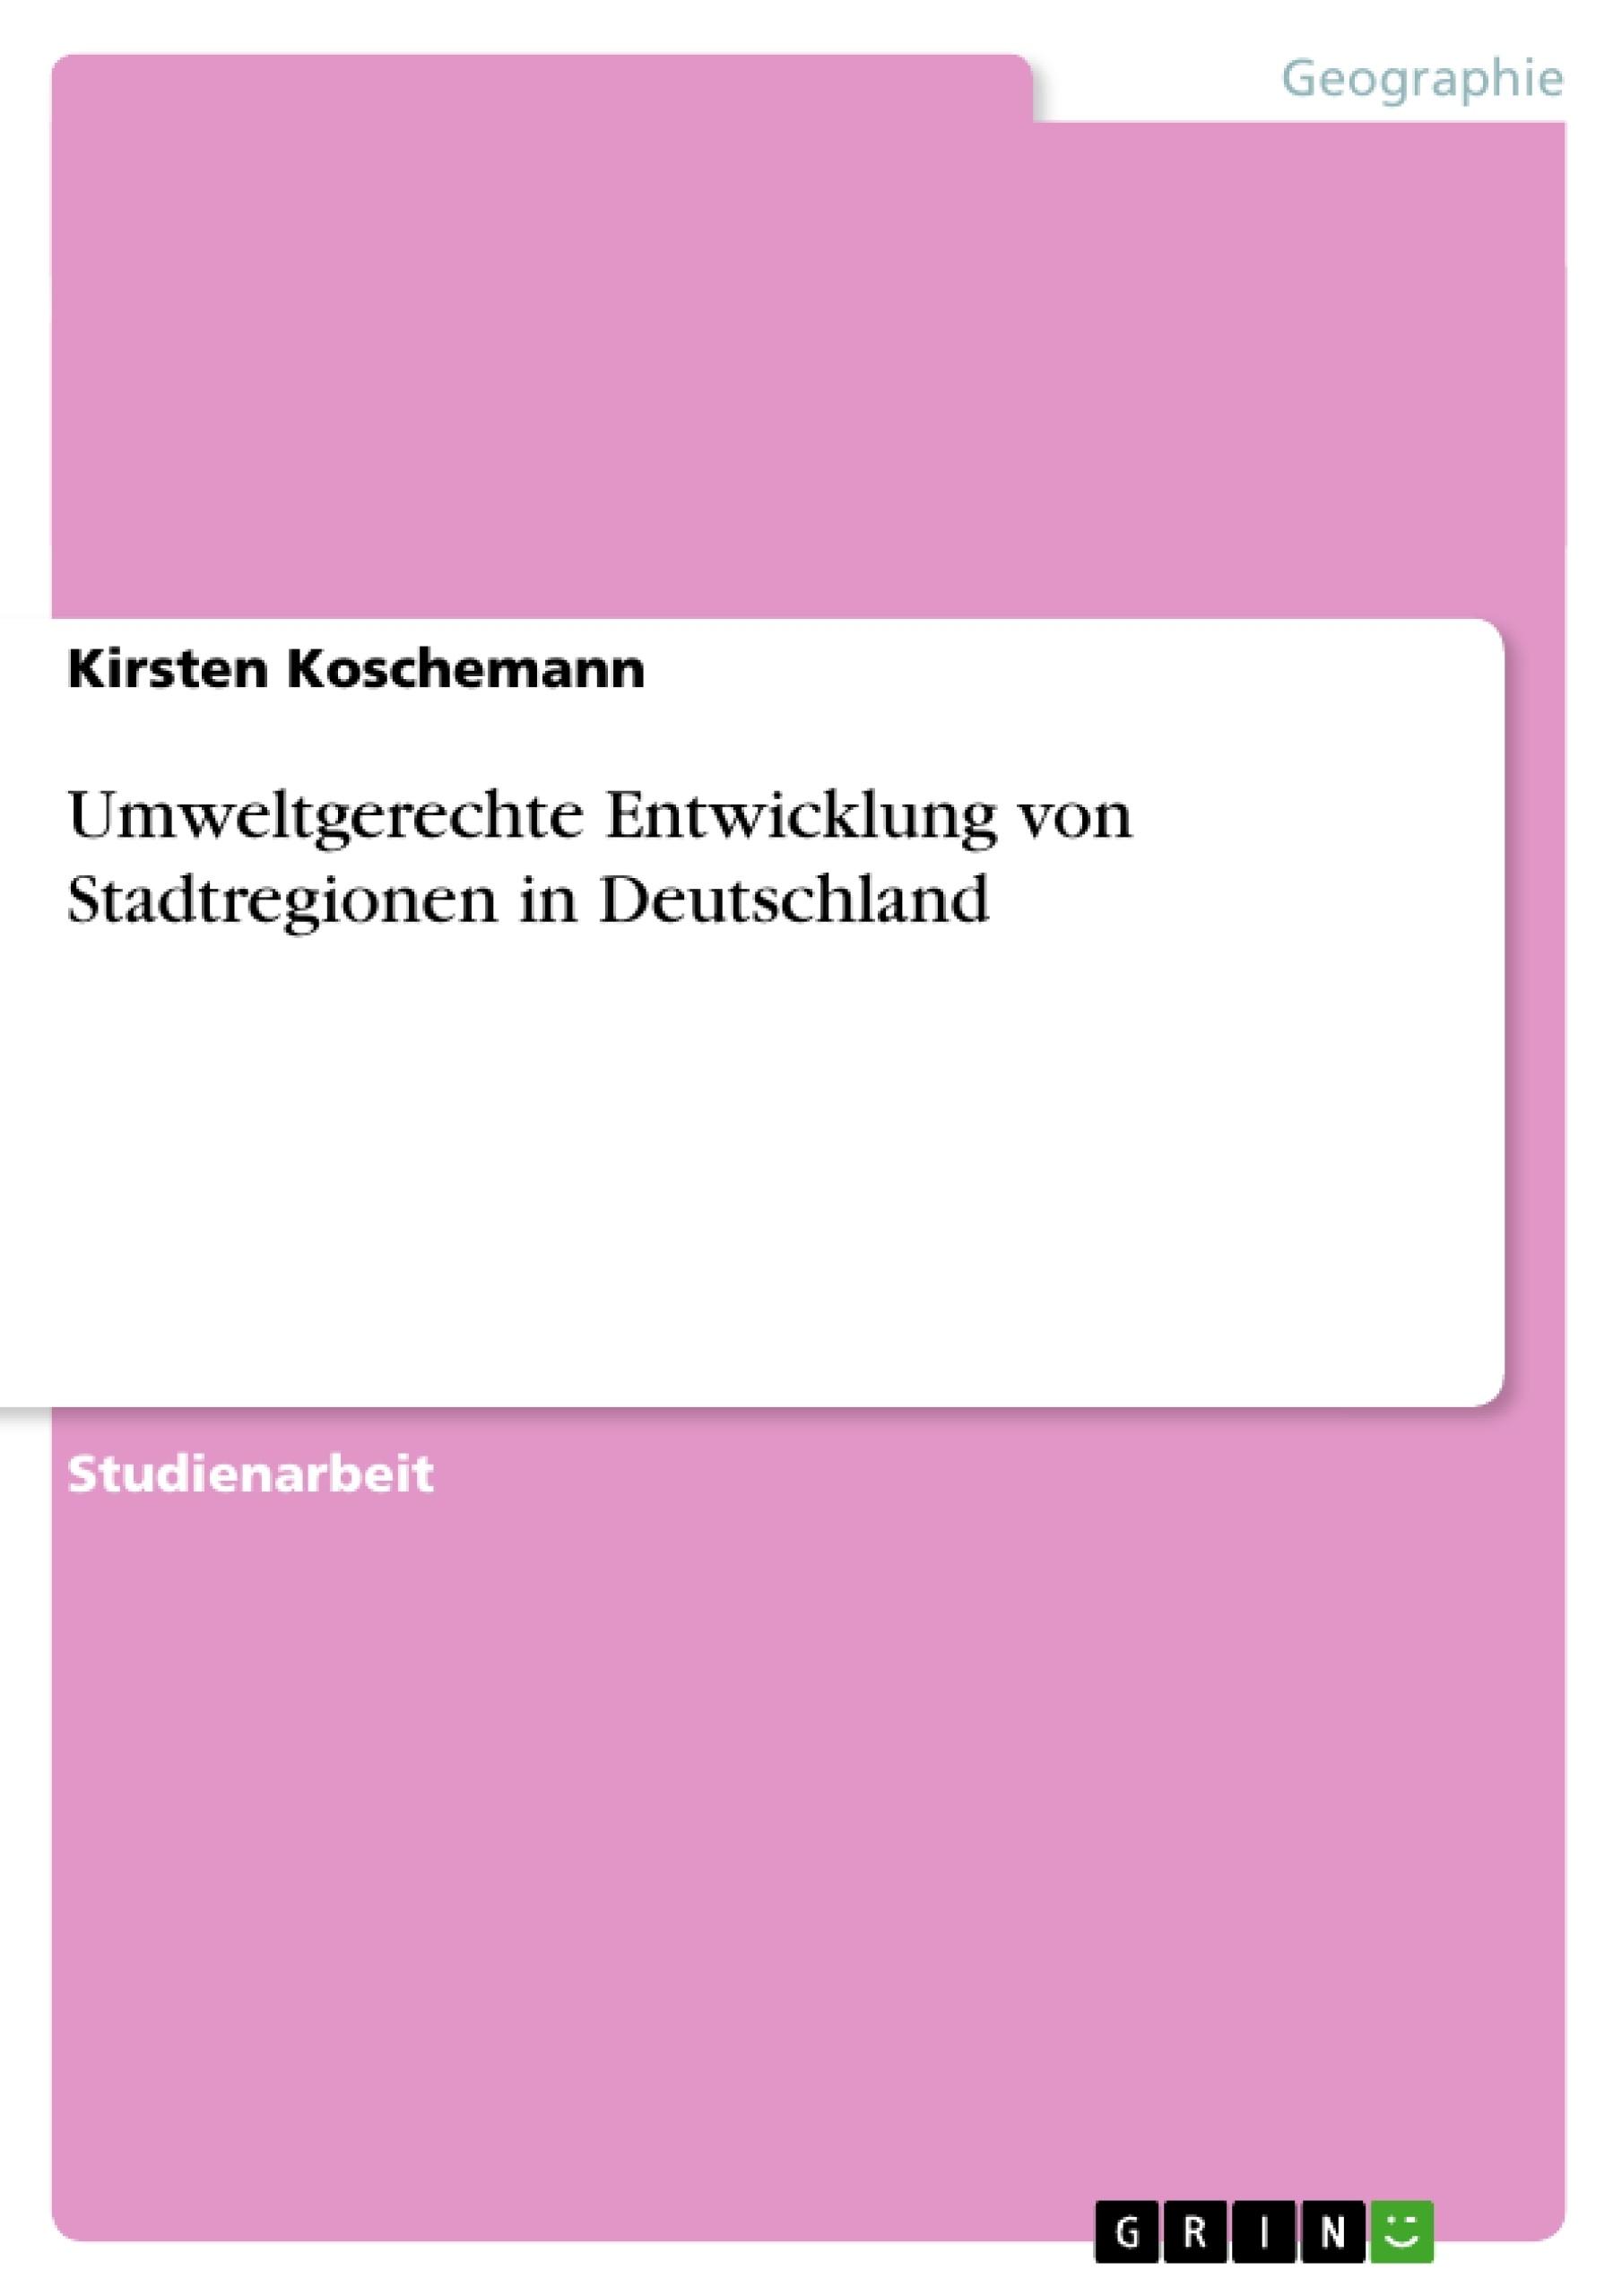 Titel: Umweltgerechte Entwicklung von Stadtregionen in Deutschland